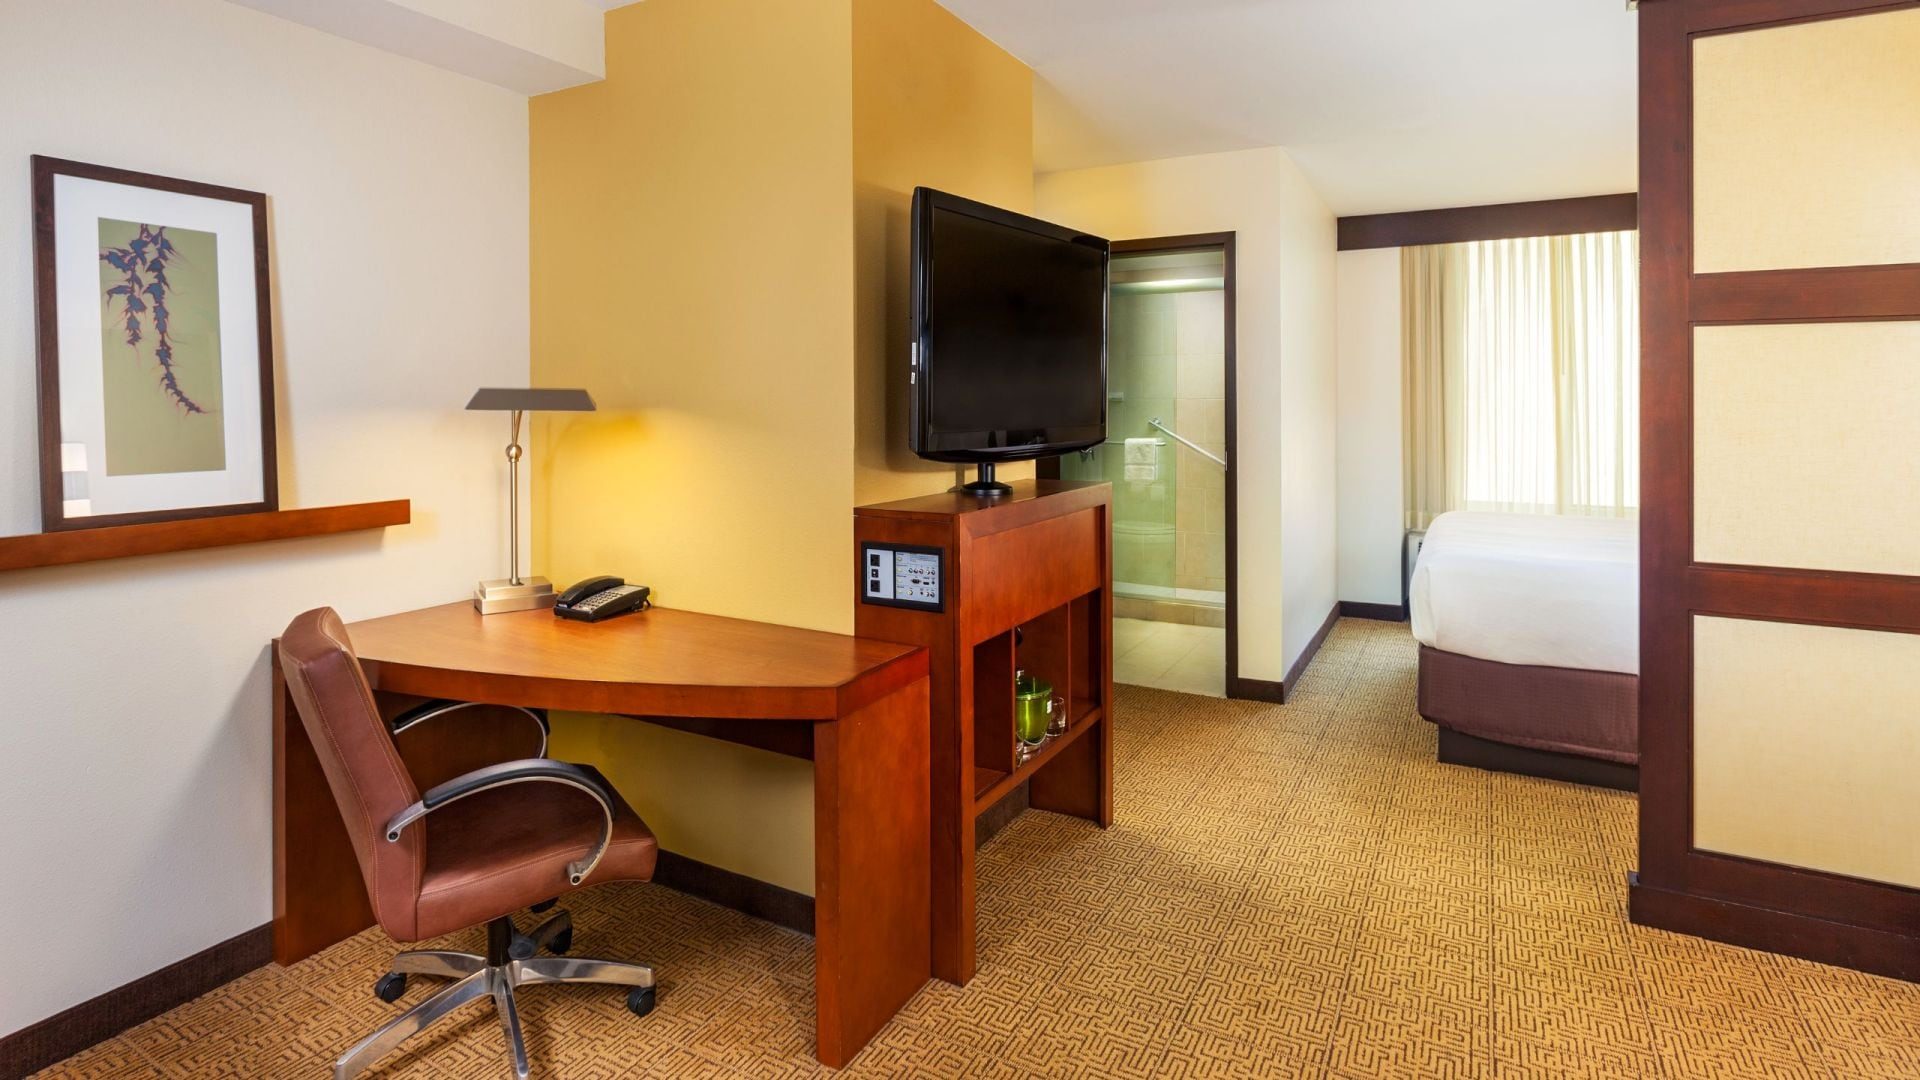 Modern Hotel Near Carlsbad Amp Vista California Hyatt